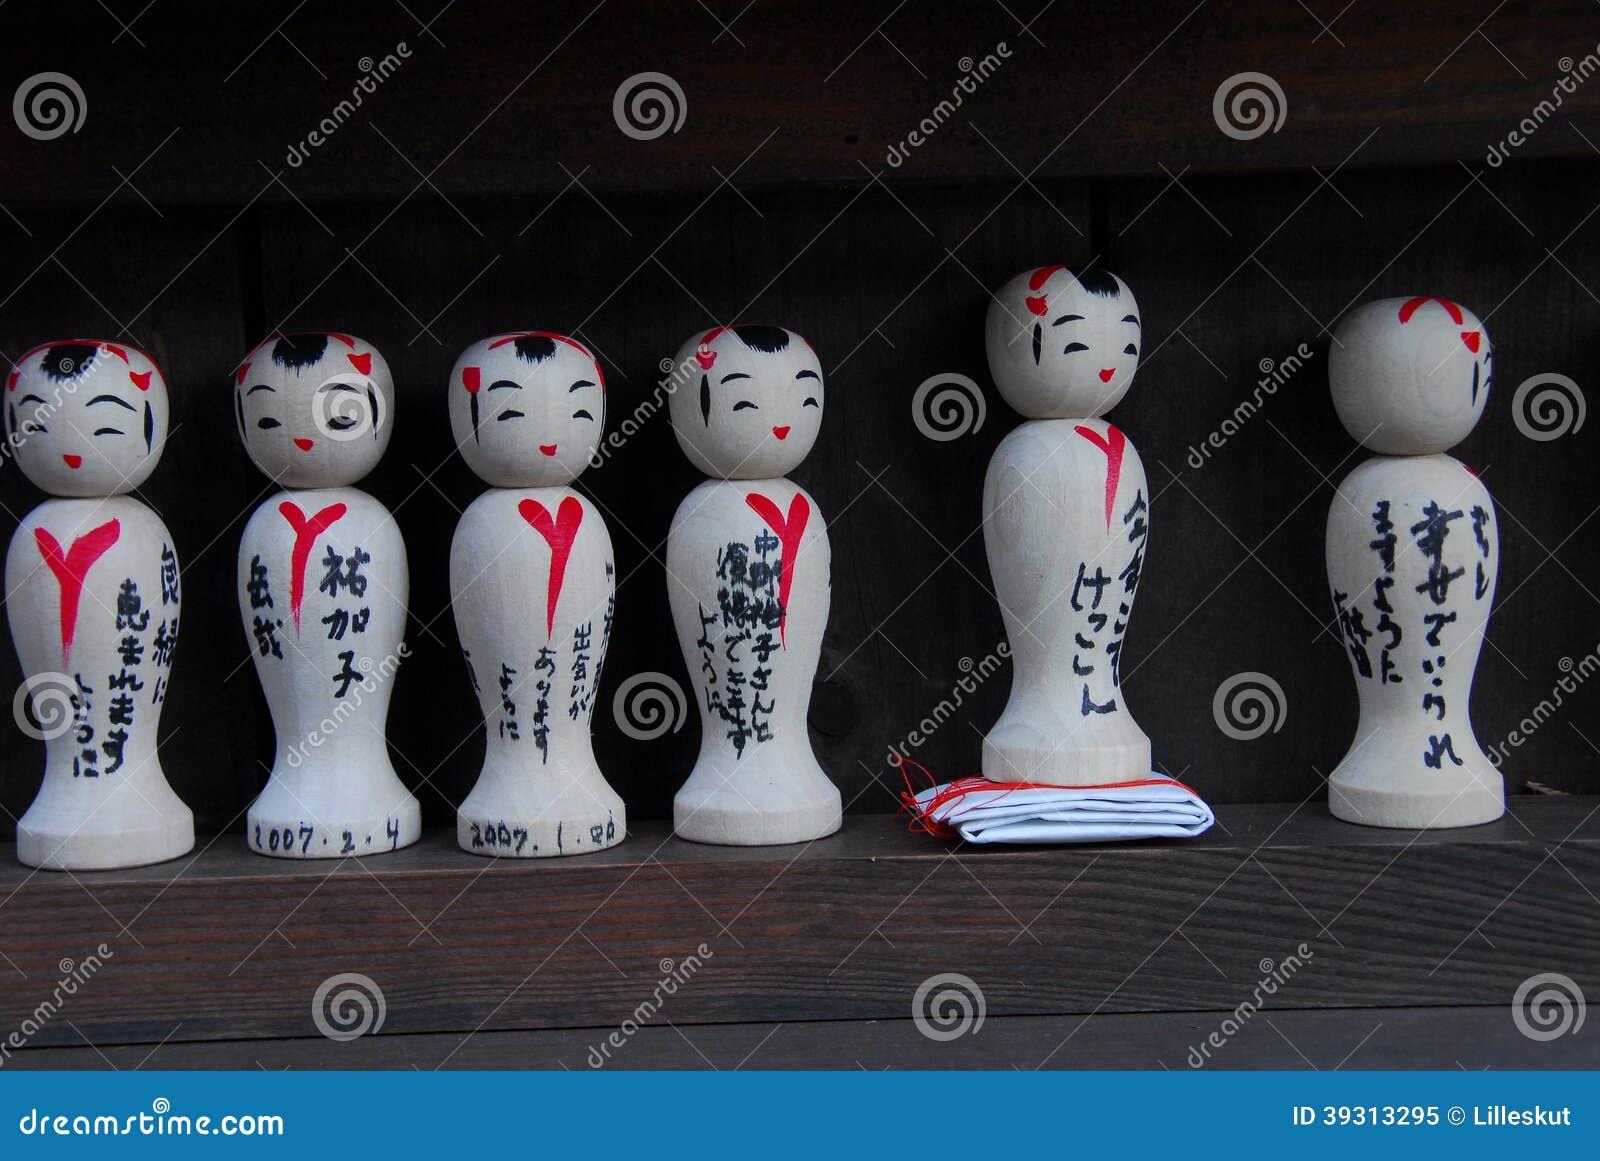 Kokeshi Dolls At Shrine Stock Image Image Of Package 39313295